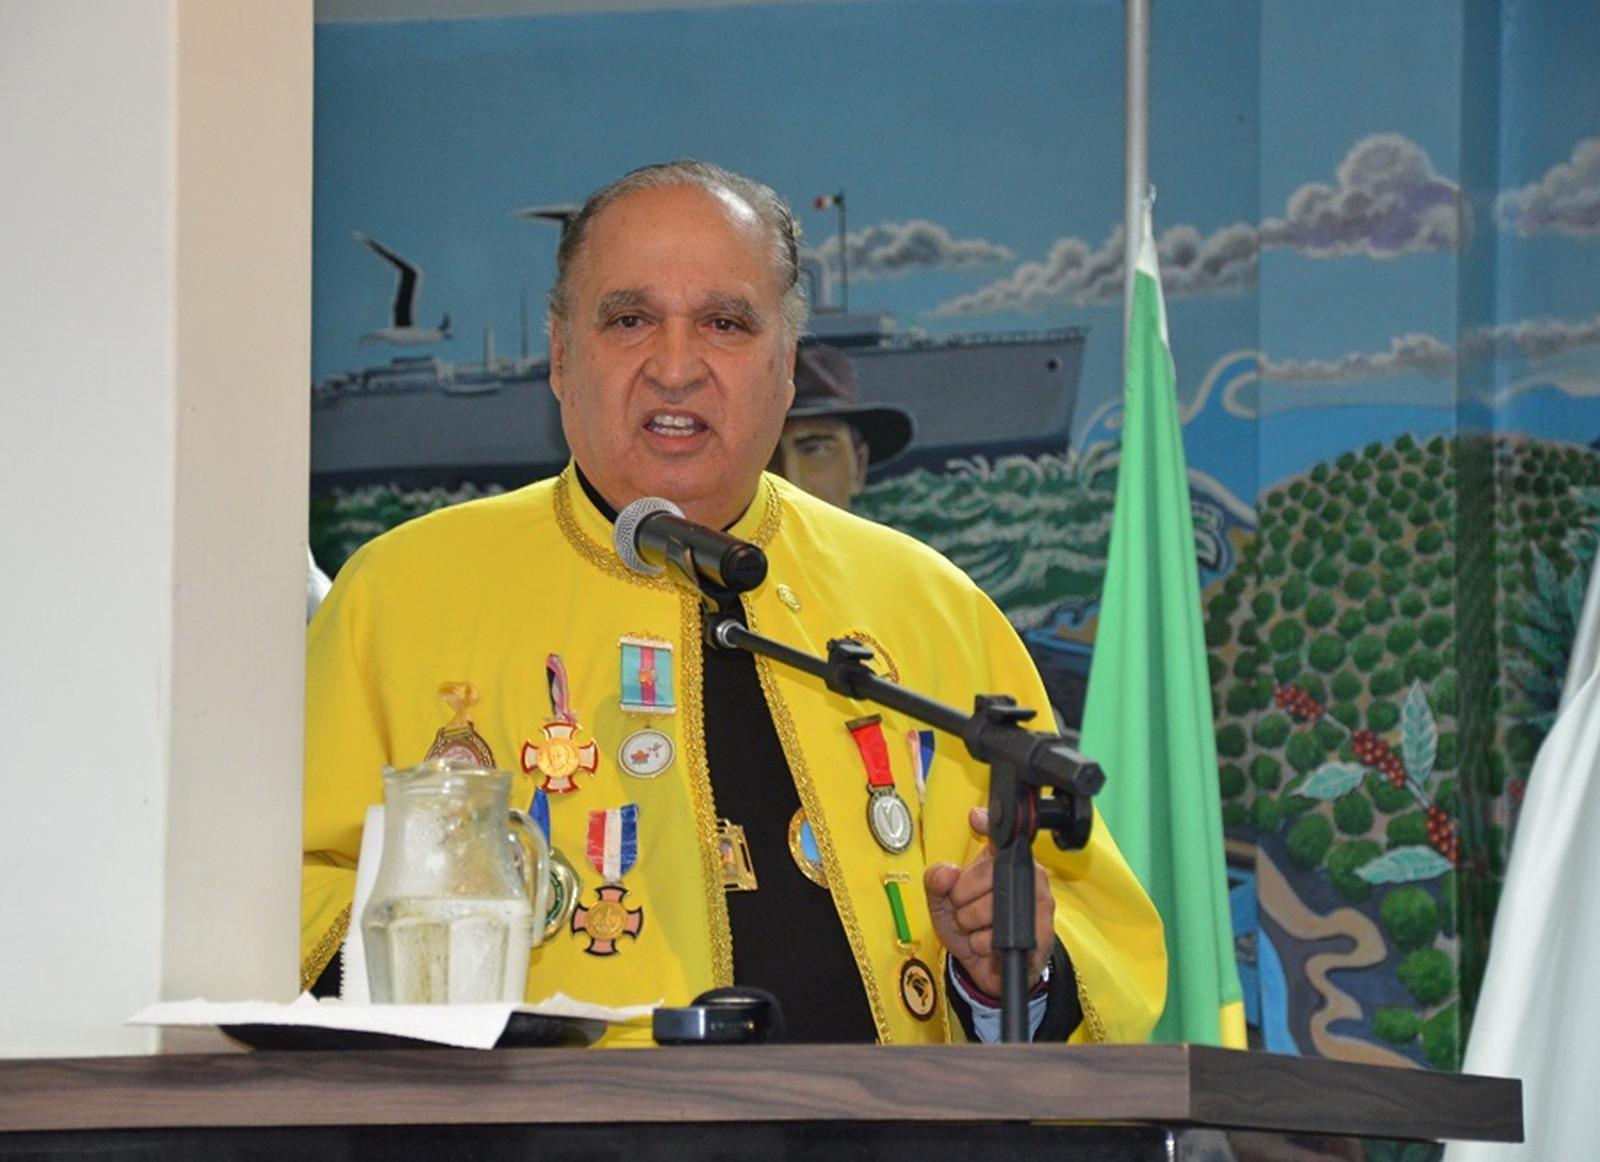 Clério José Borges